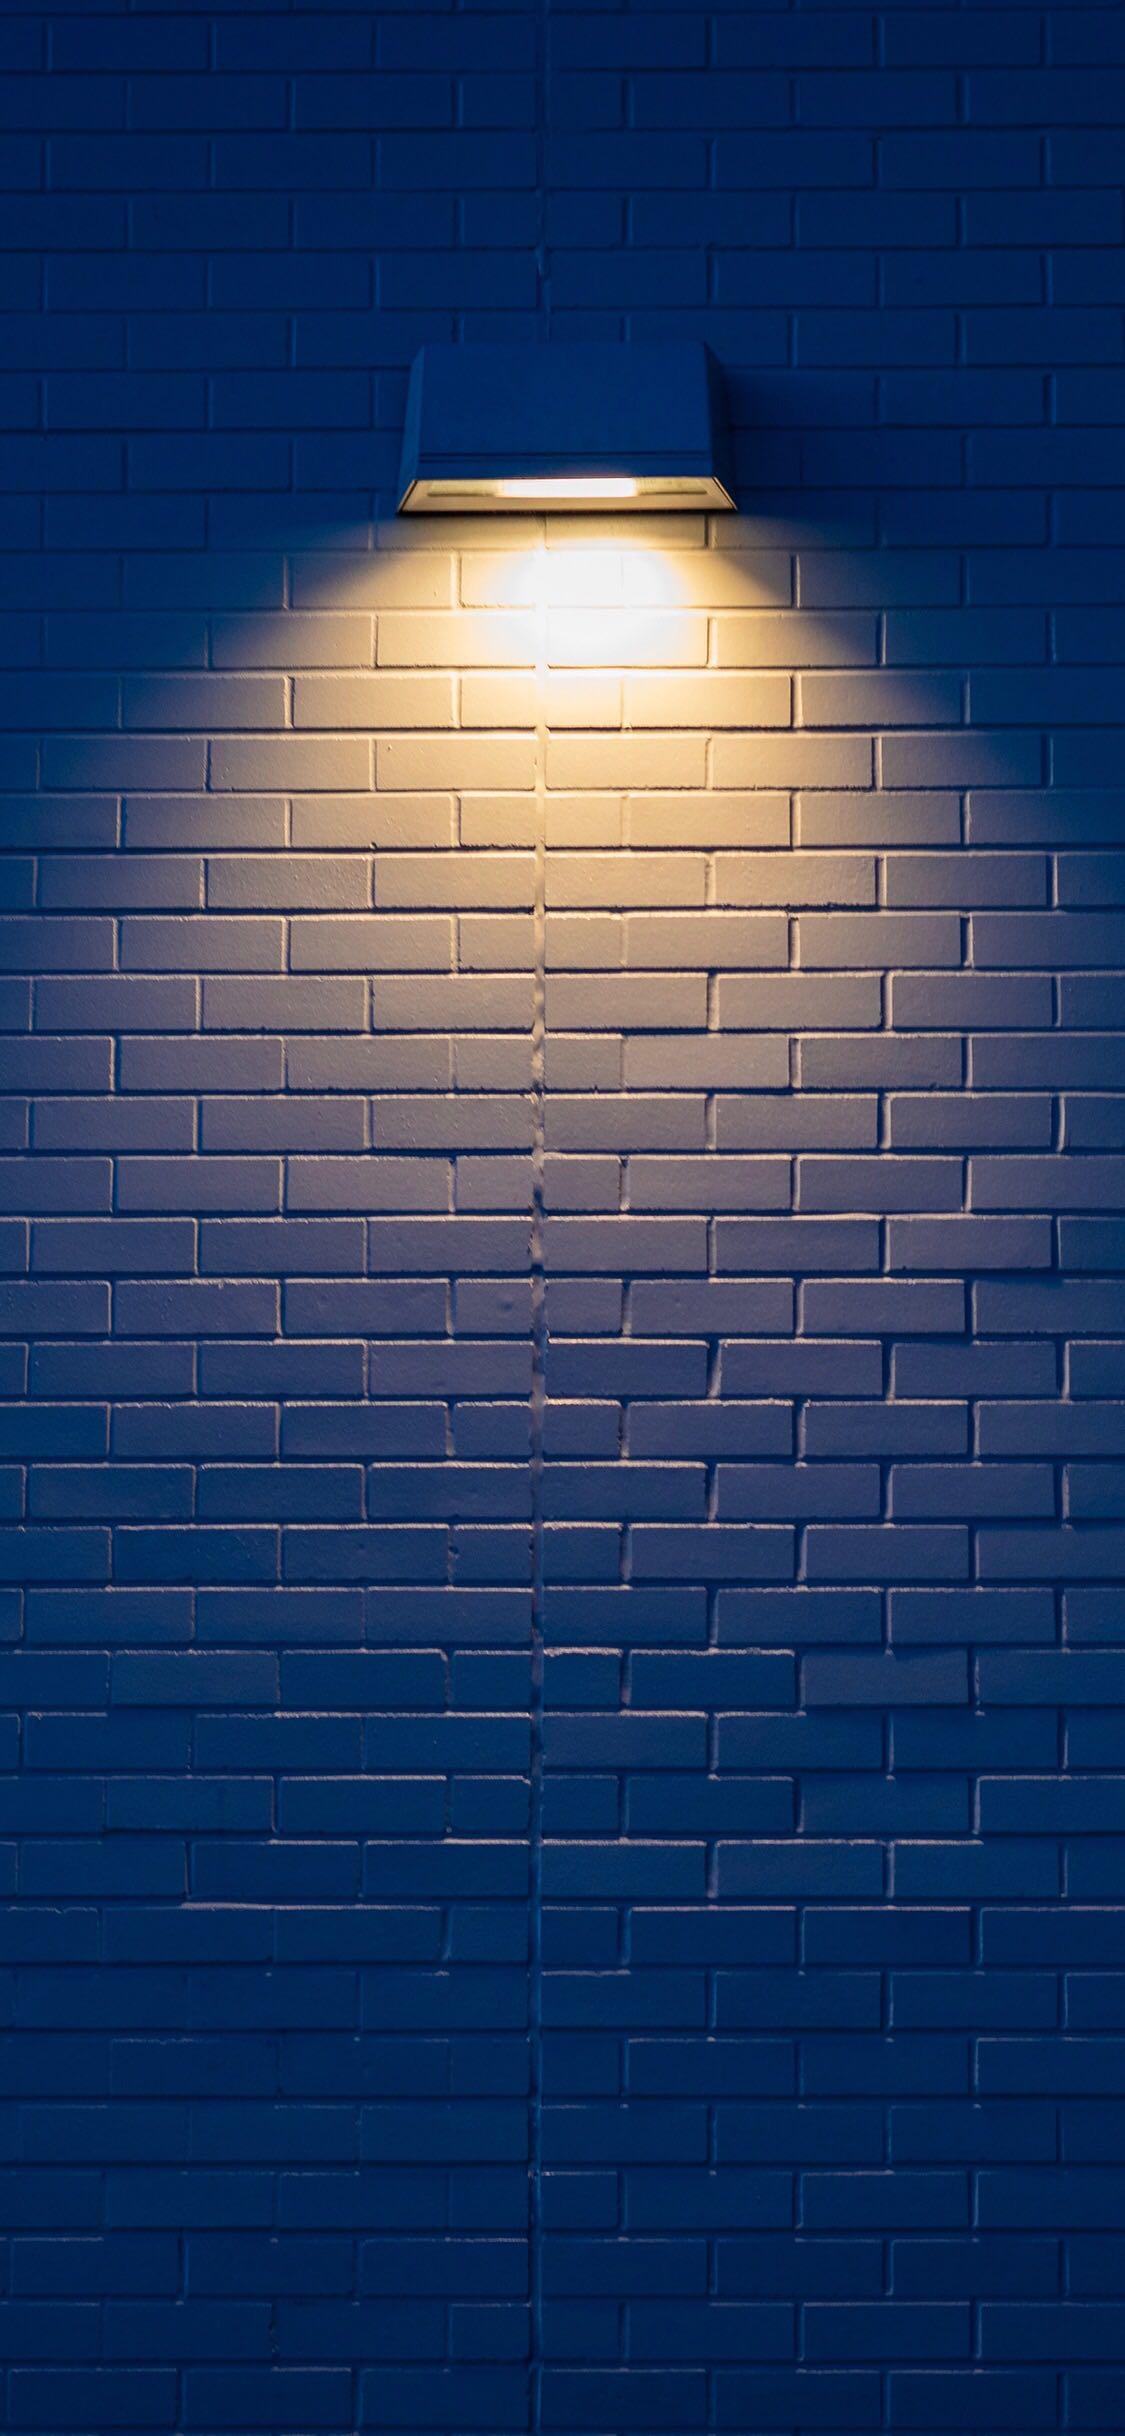 壁纸分享丨有意思的壁纸天天换,每天都是新鲜感